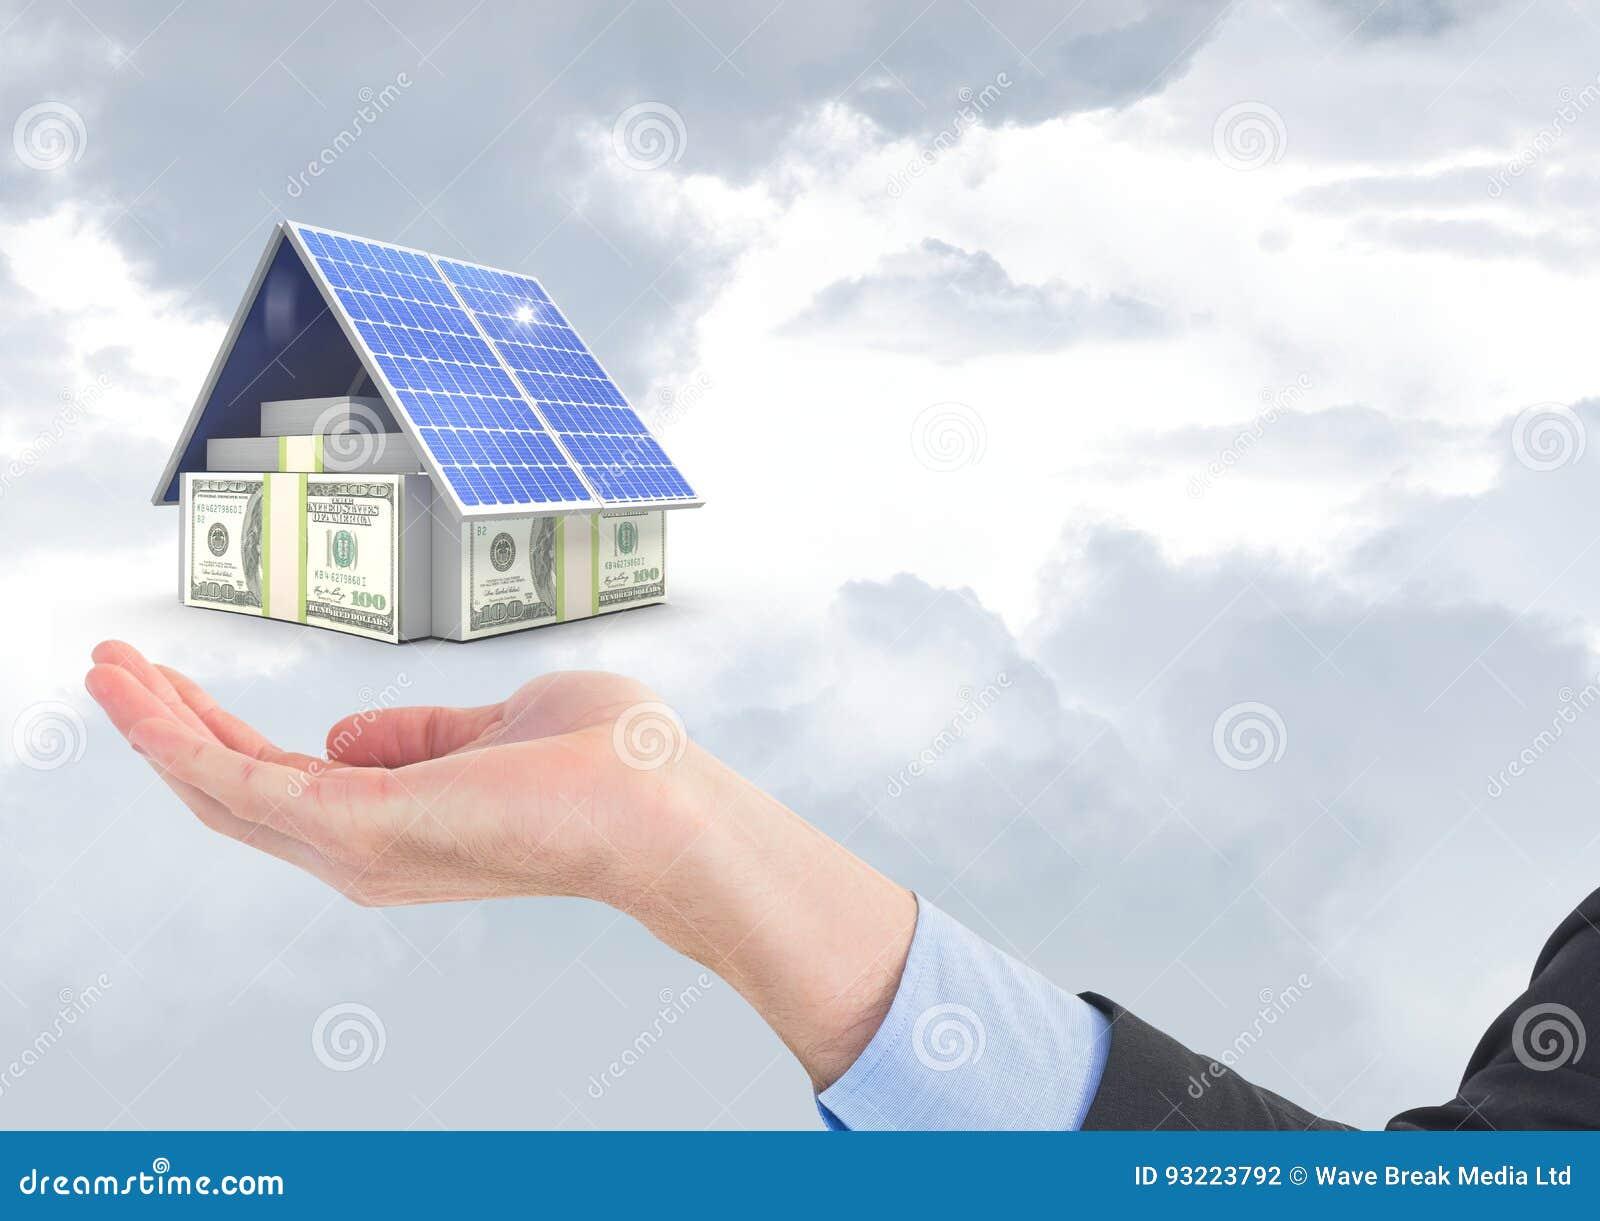 Digitaal samengesteld beeld van munten en zonnepaneel boven bedrijfshand tegen hemel